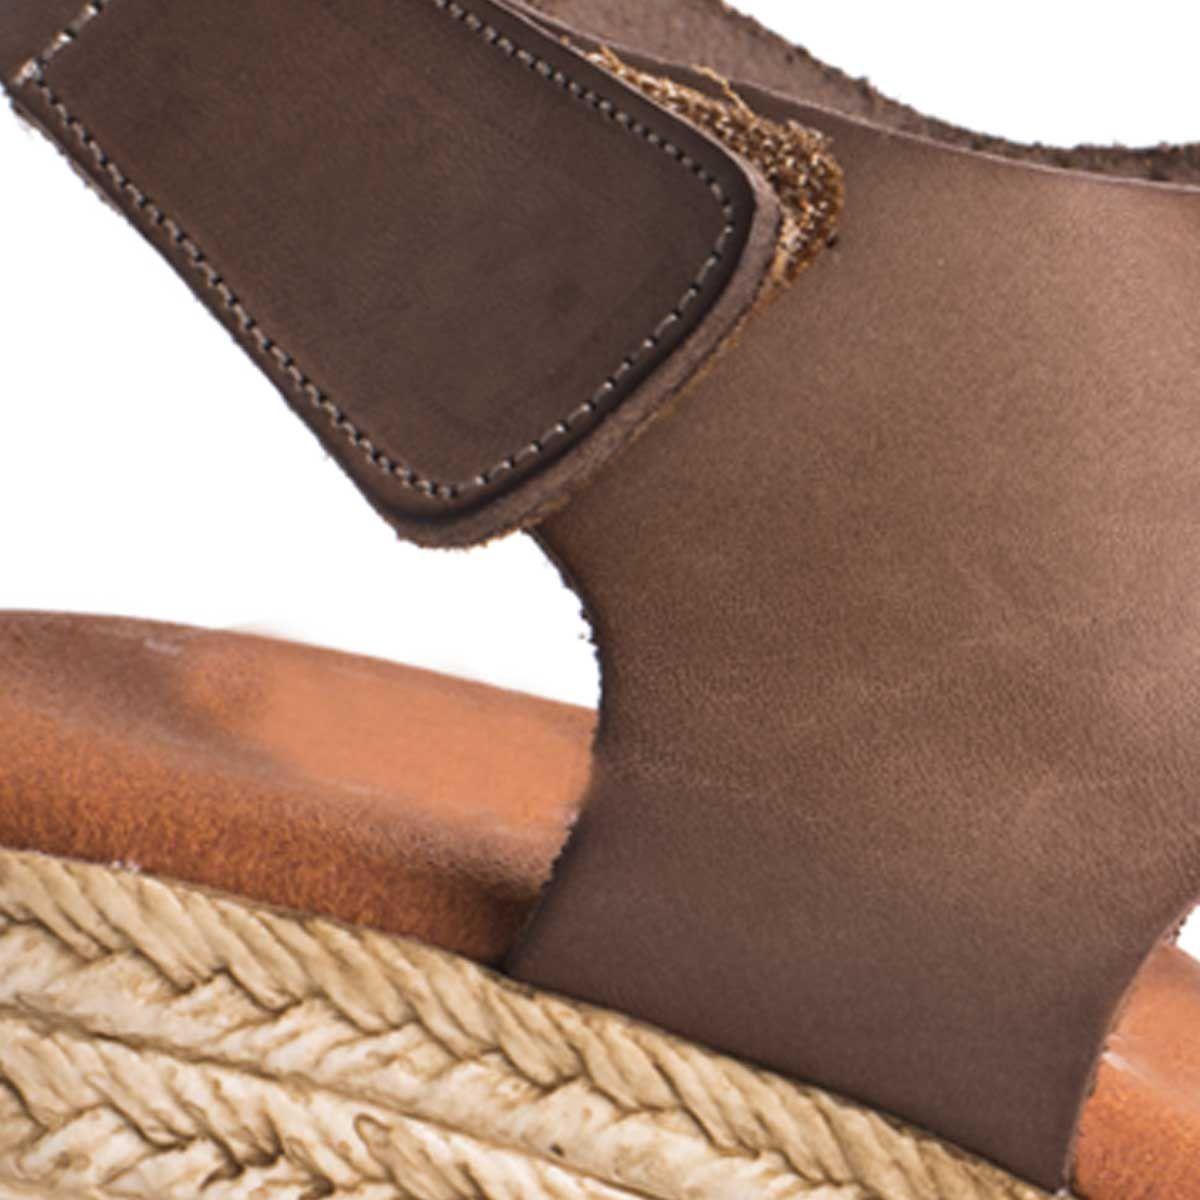 Montevita Platform Sandal in Taupe